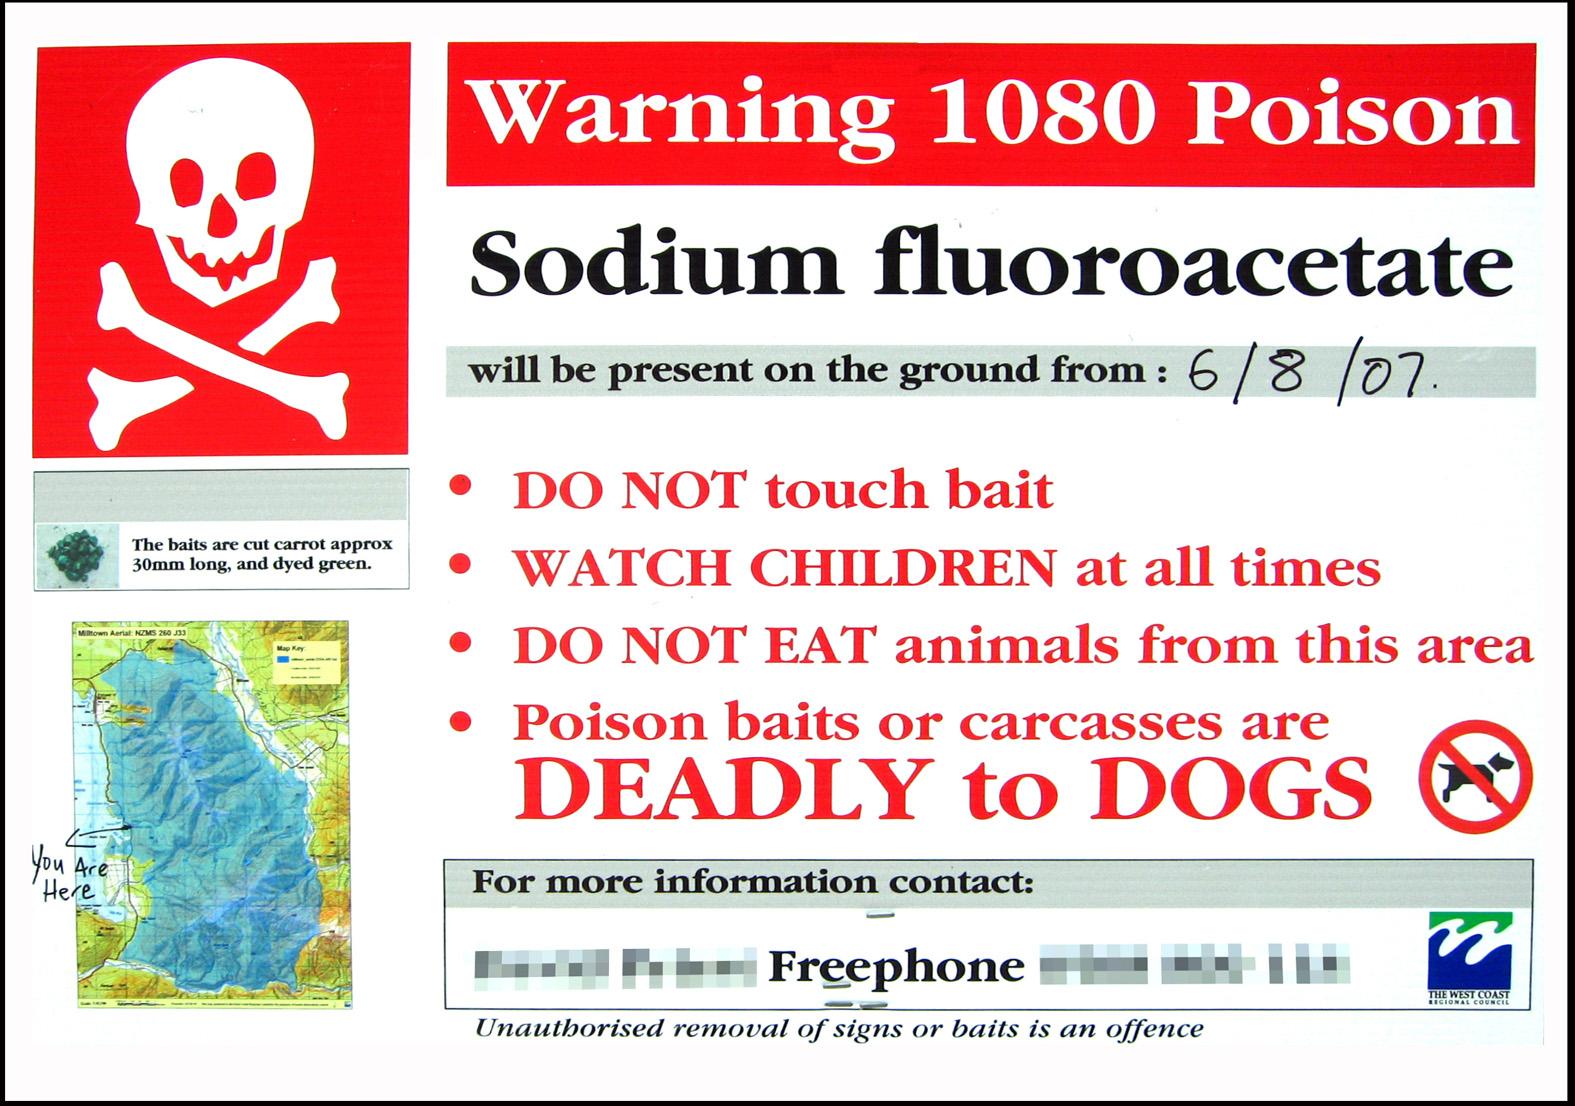 Giftvarning Nya Zeeland, Wikimedia Commons